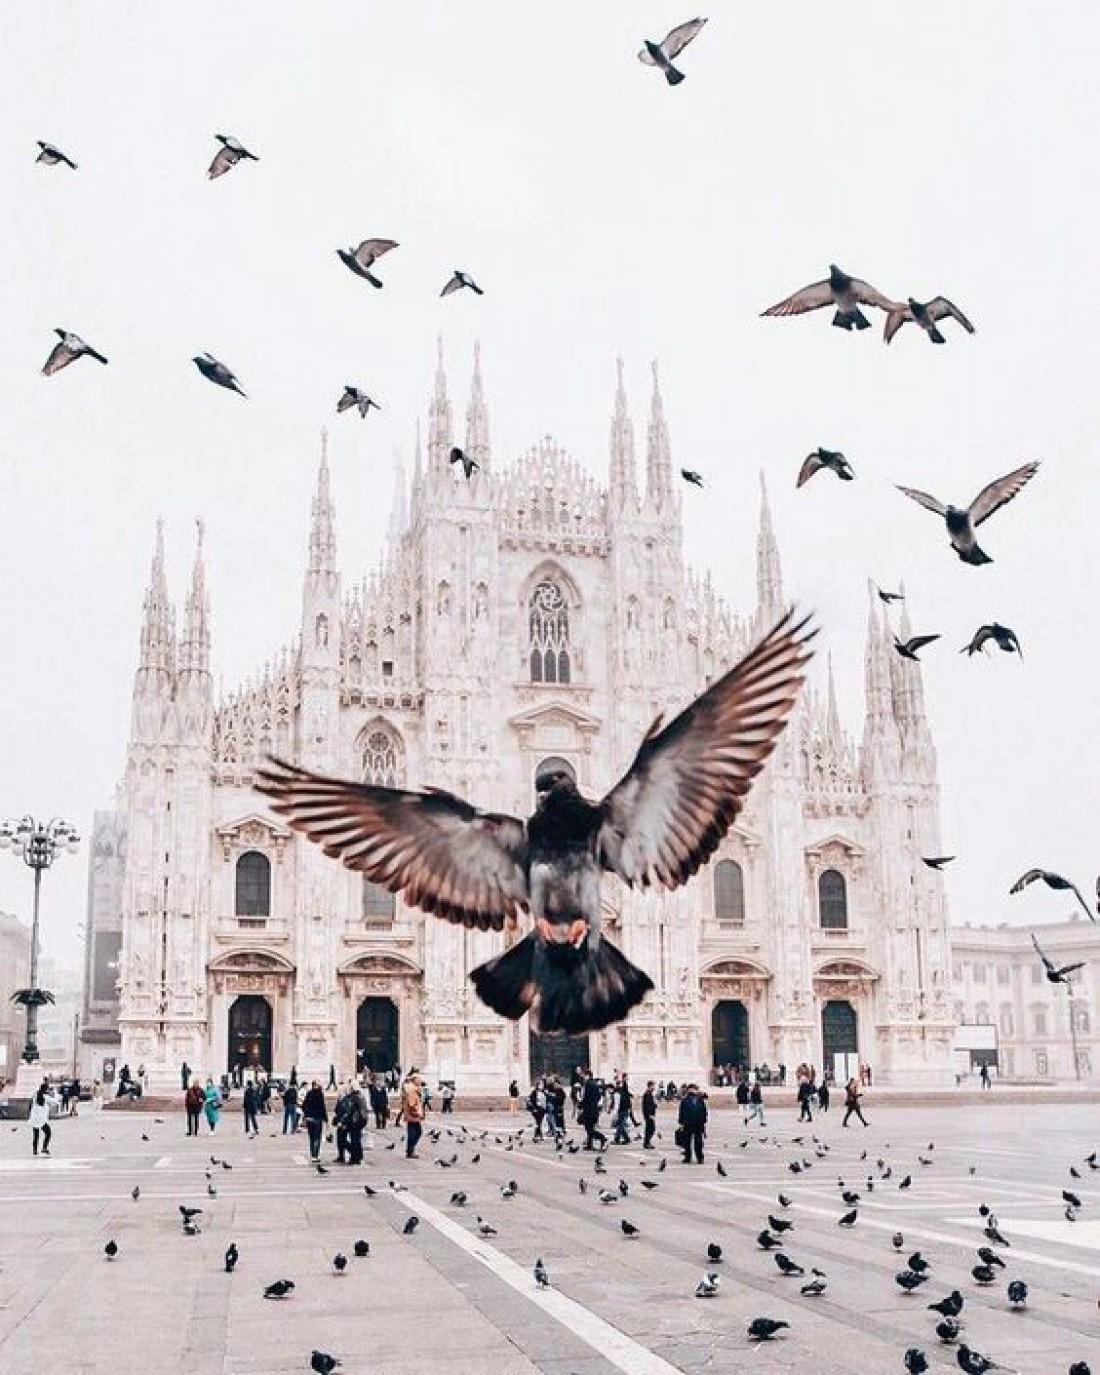 Милан поражает своей роскошью и утонченностью